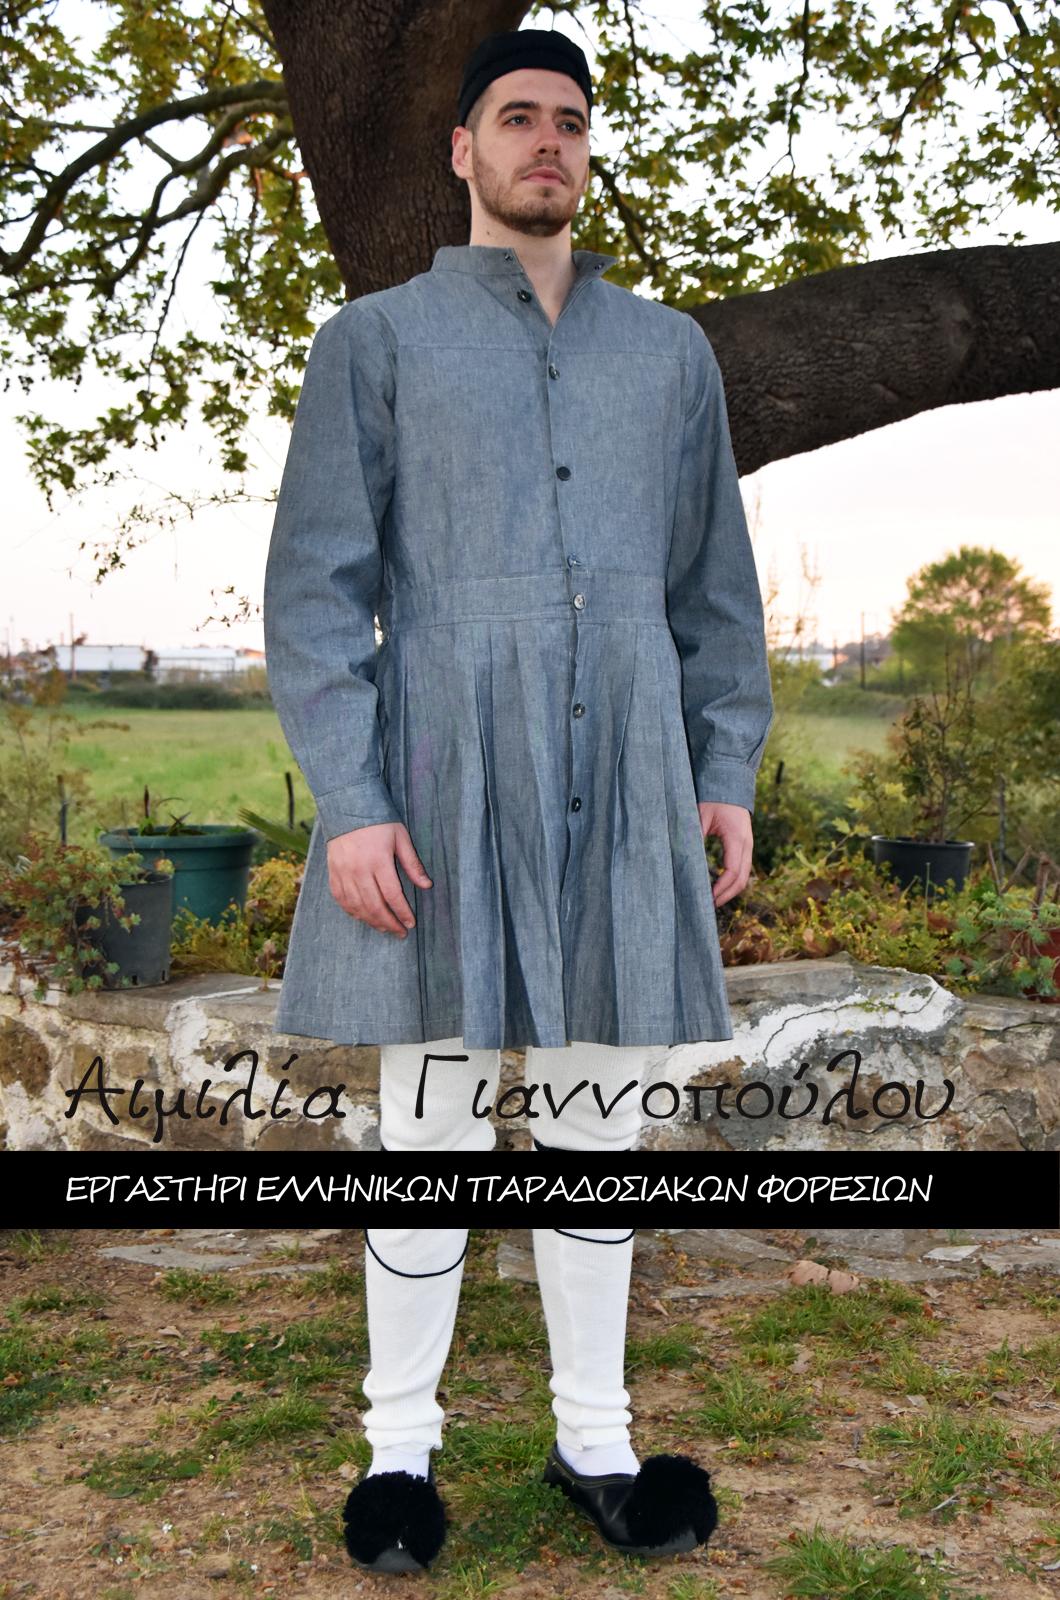 Ανδρική Παραδοσιακή Φορεσιά Χωρική Πελοποννήσου